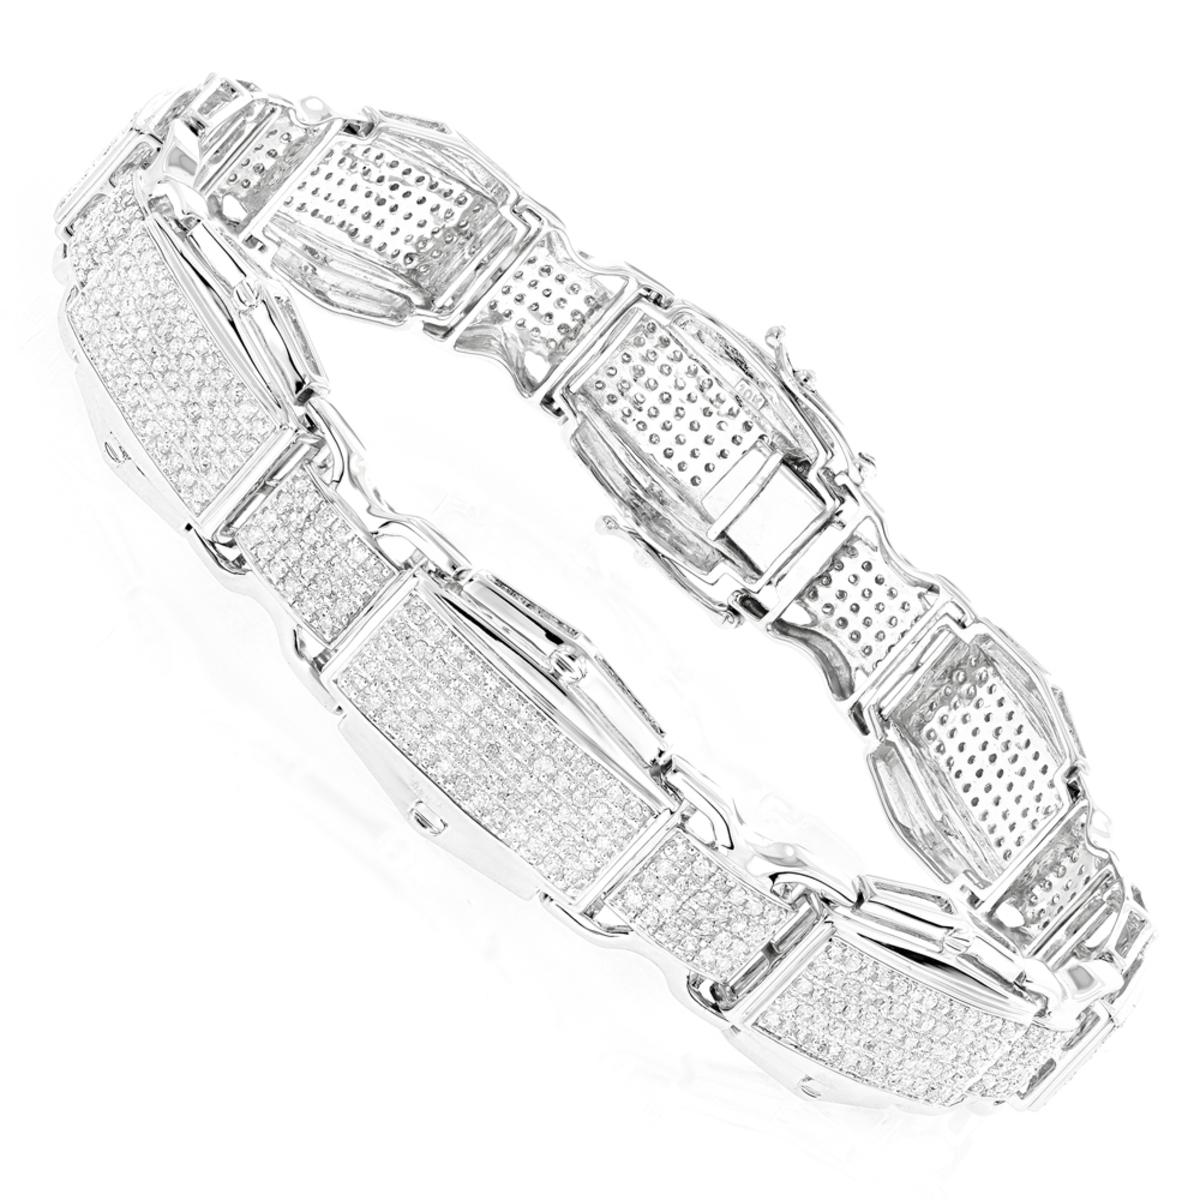 Rose White Yellow Gold Diamond Bracelet for Men 10K 3.48ct